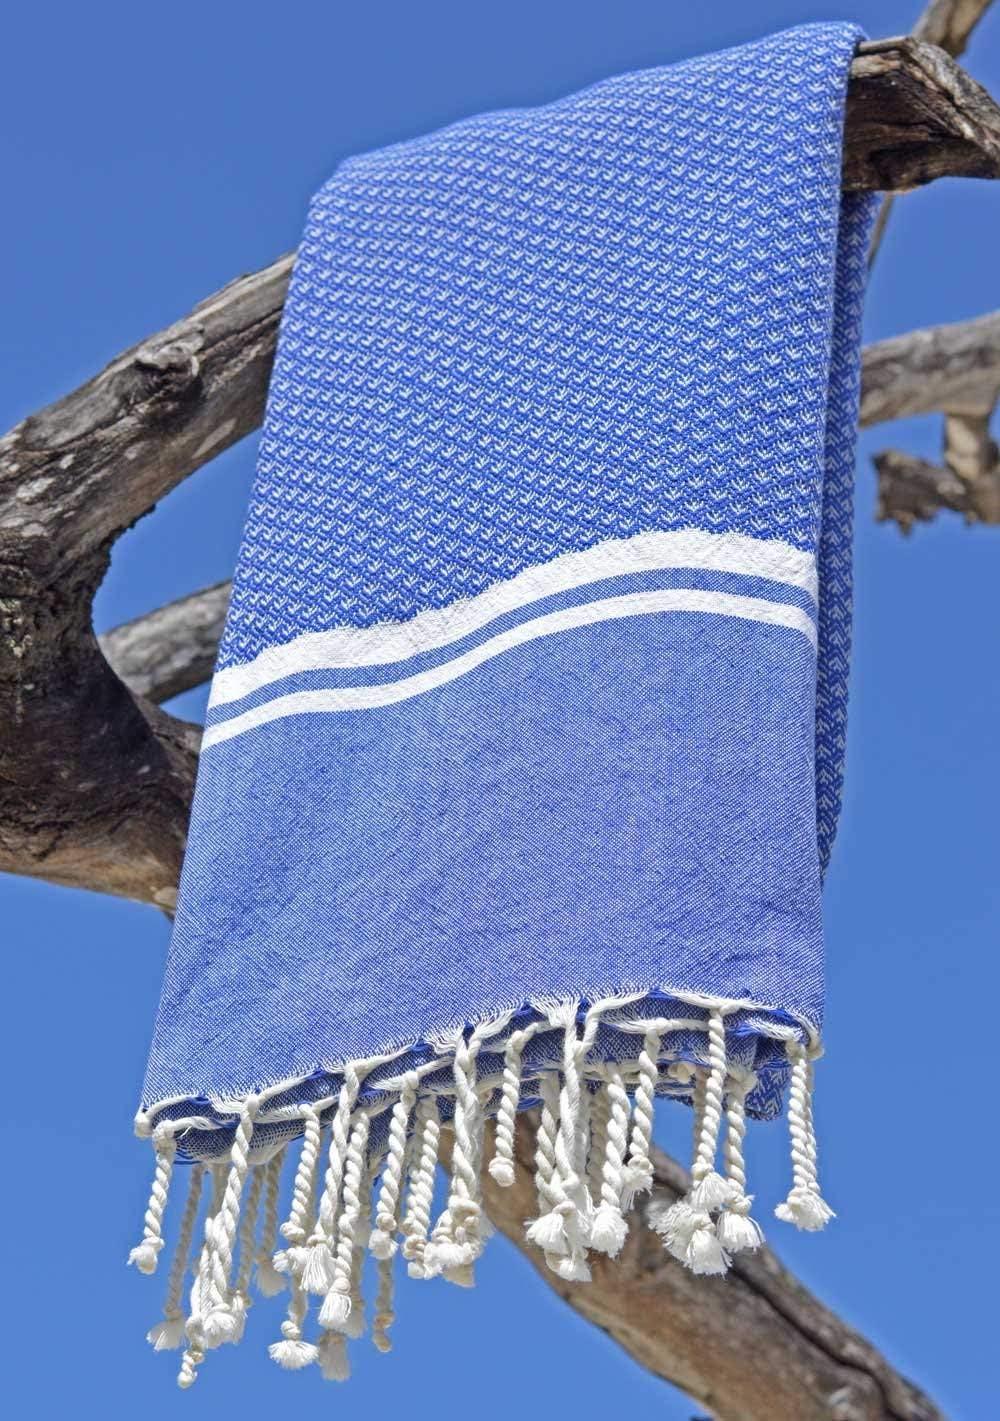 Foutas Design Unique de Drap de Hammam Sauna Serviette de Plage 100/% Coton de Grande Qualit/é ZusenZomer Fouta de Plage XXL SOUSSE 100x190 cm Rose